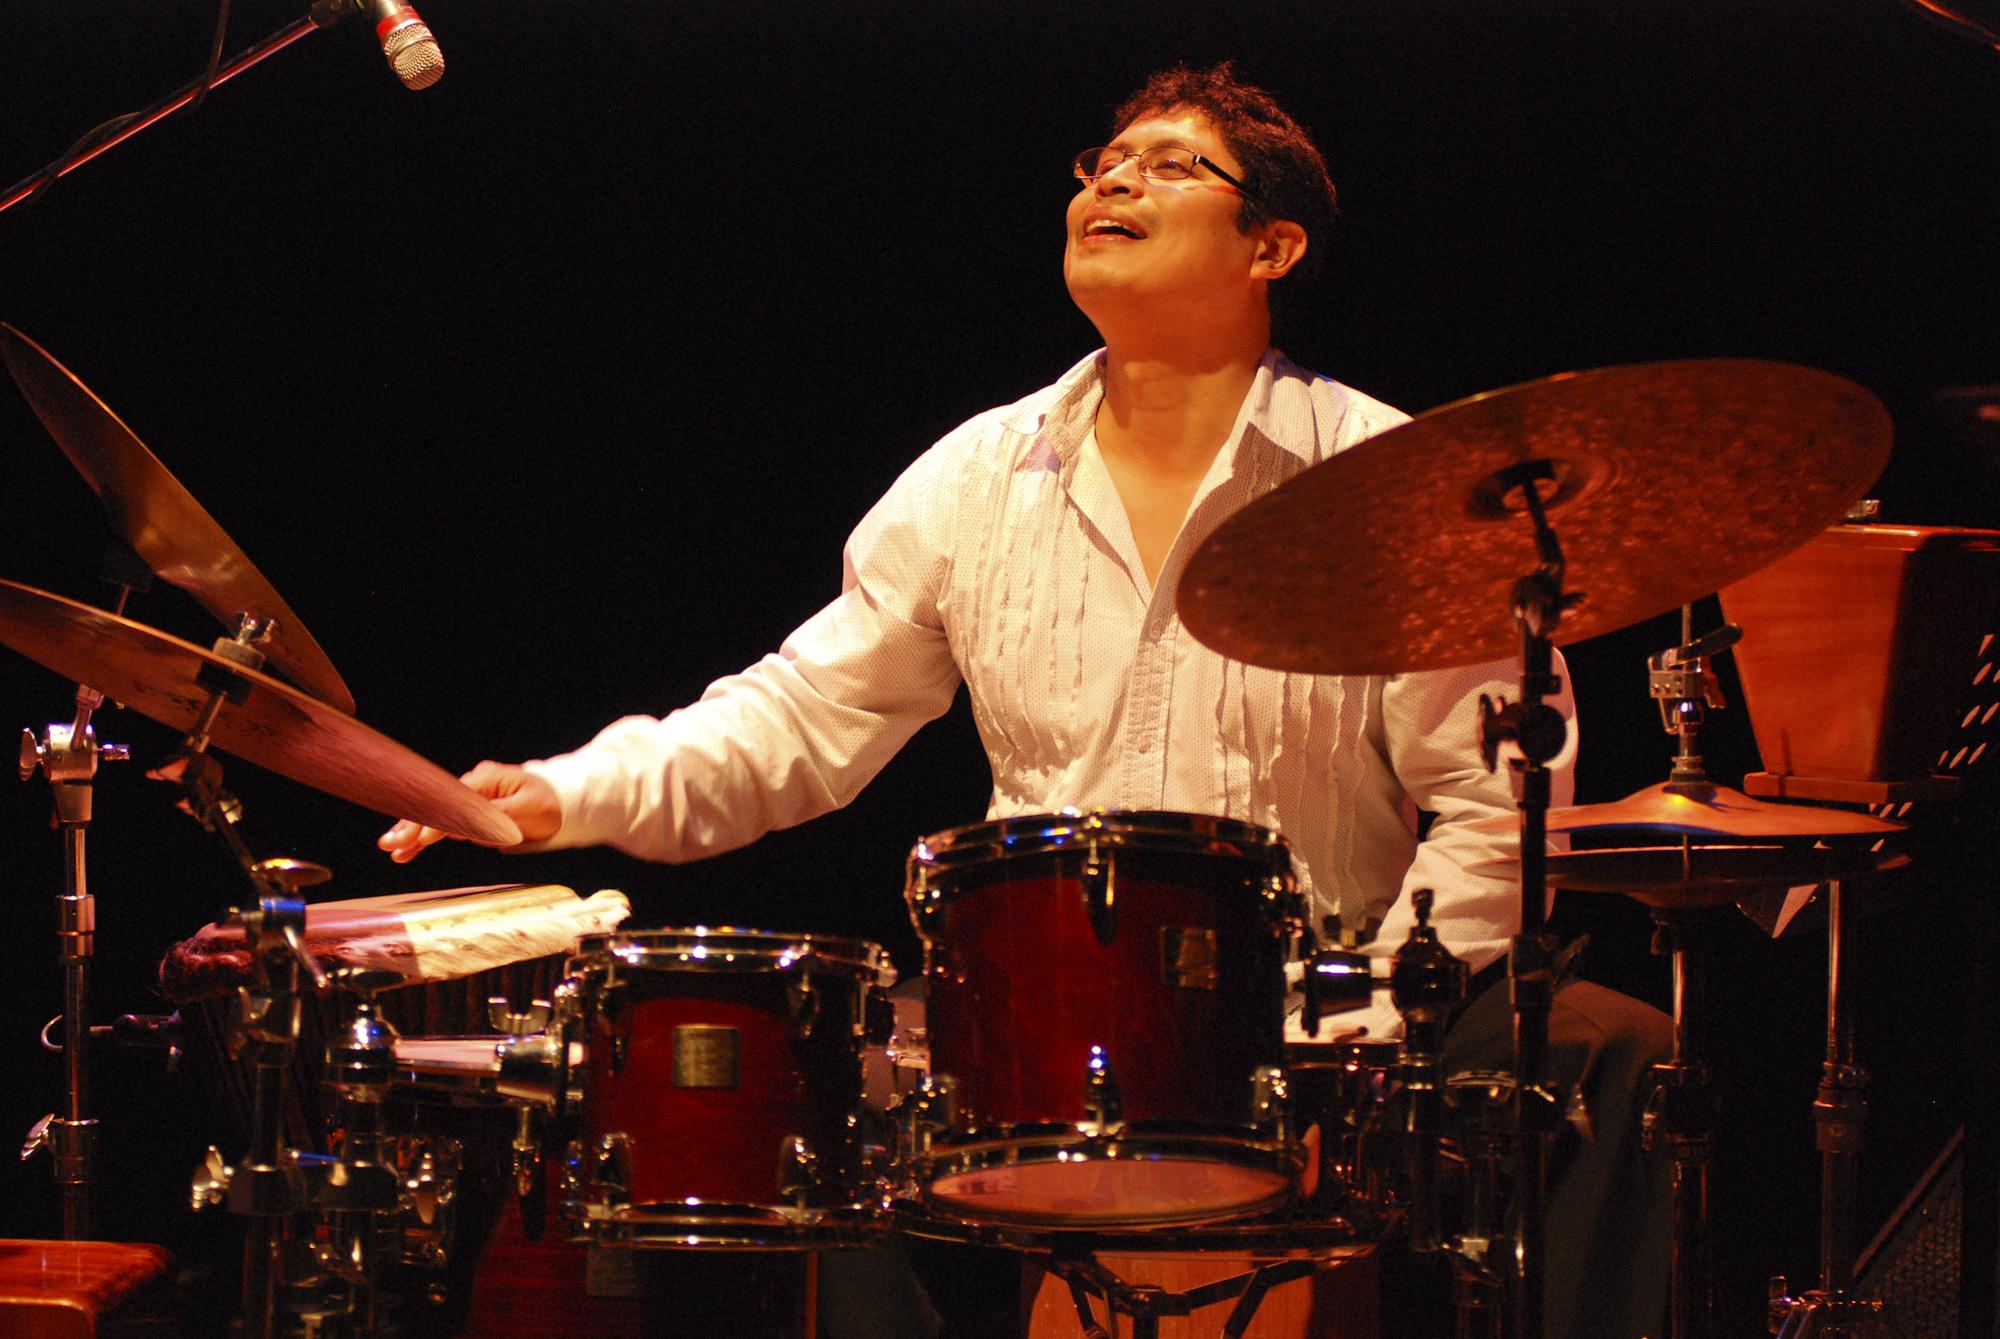 Hugo Alcazar